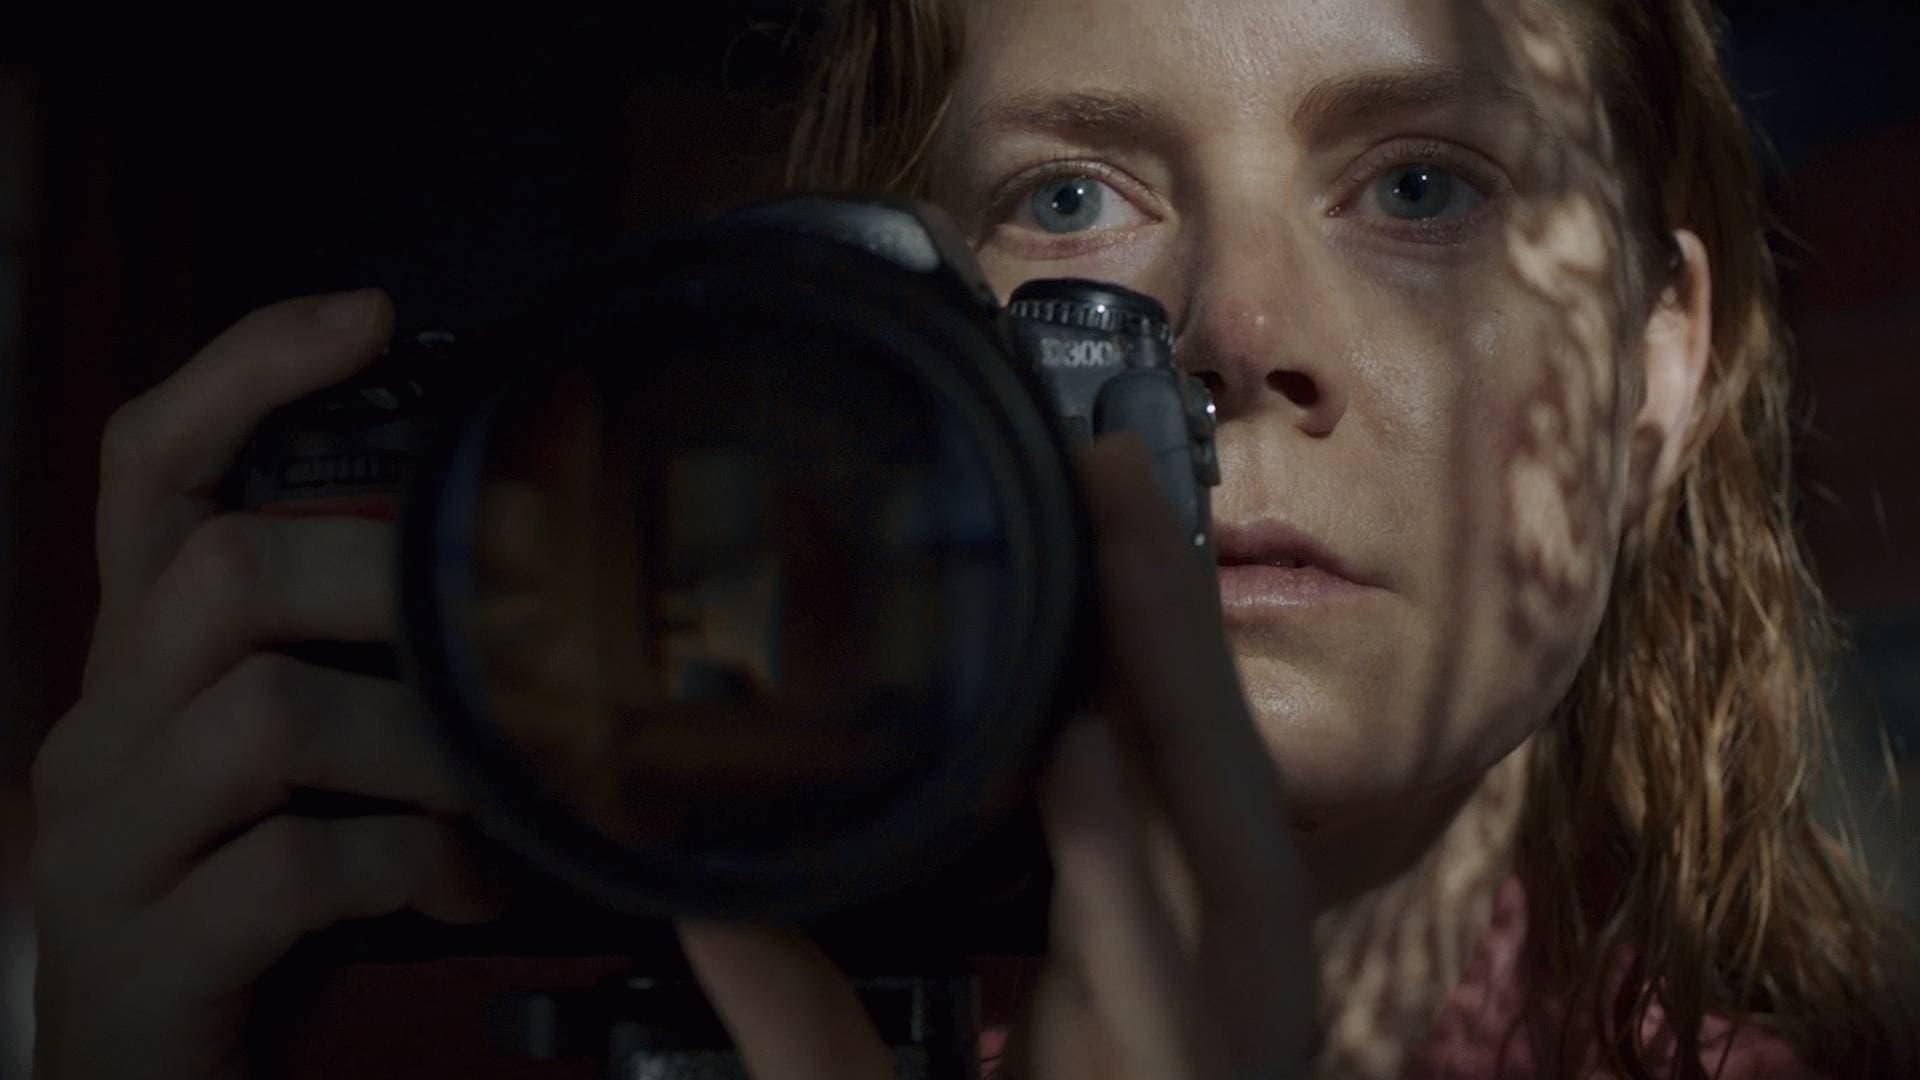 Фильмы-новинки с женскими персонажами в центре истории